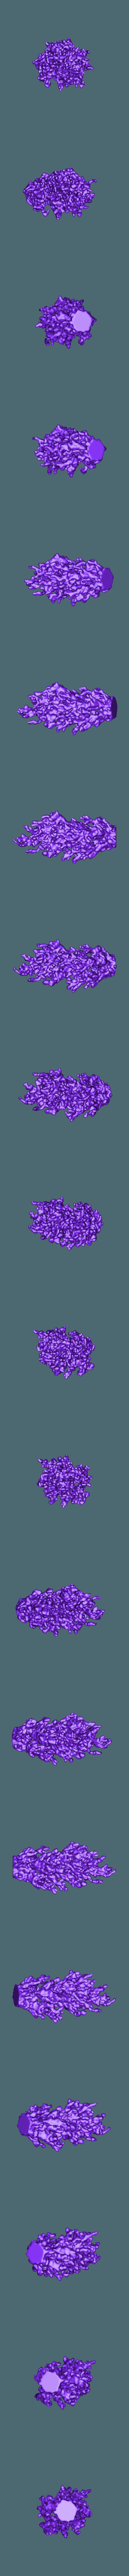 coral_12.stl Télécharger fichier STL gratuit Récif de plastique #5 : Coraux • Design pour imprimante 3D, ferjerez3d